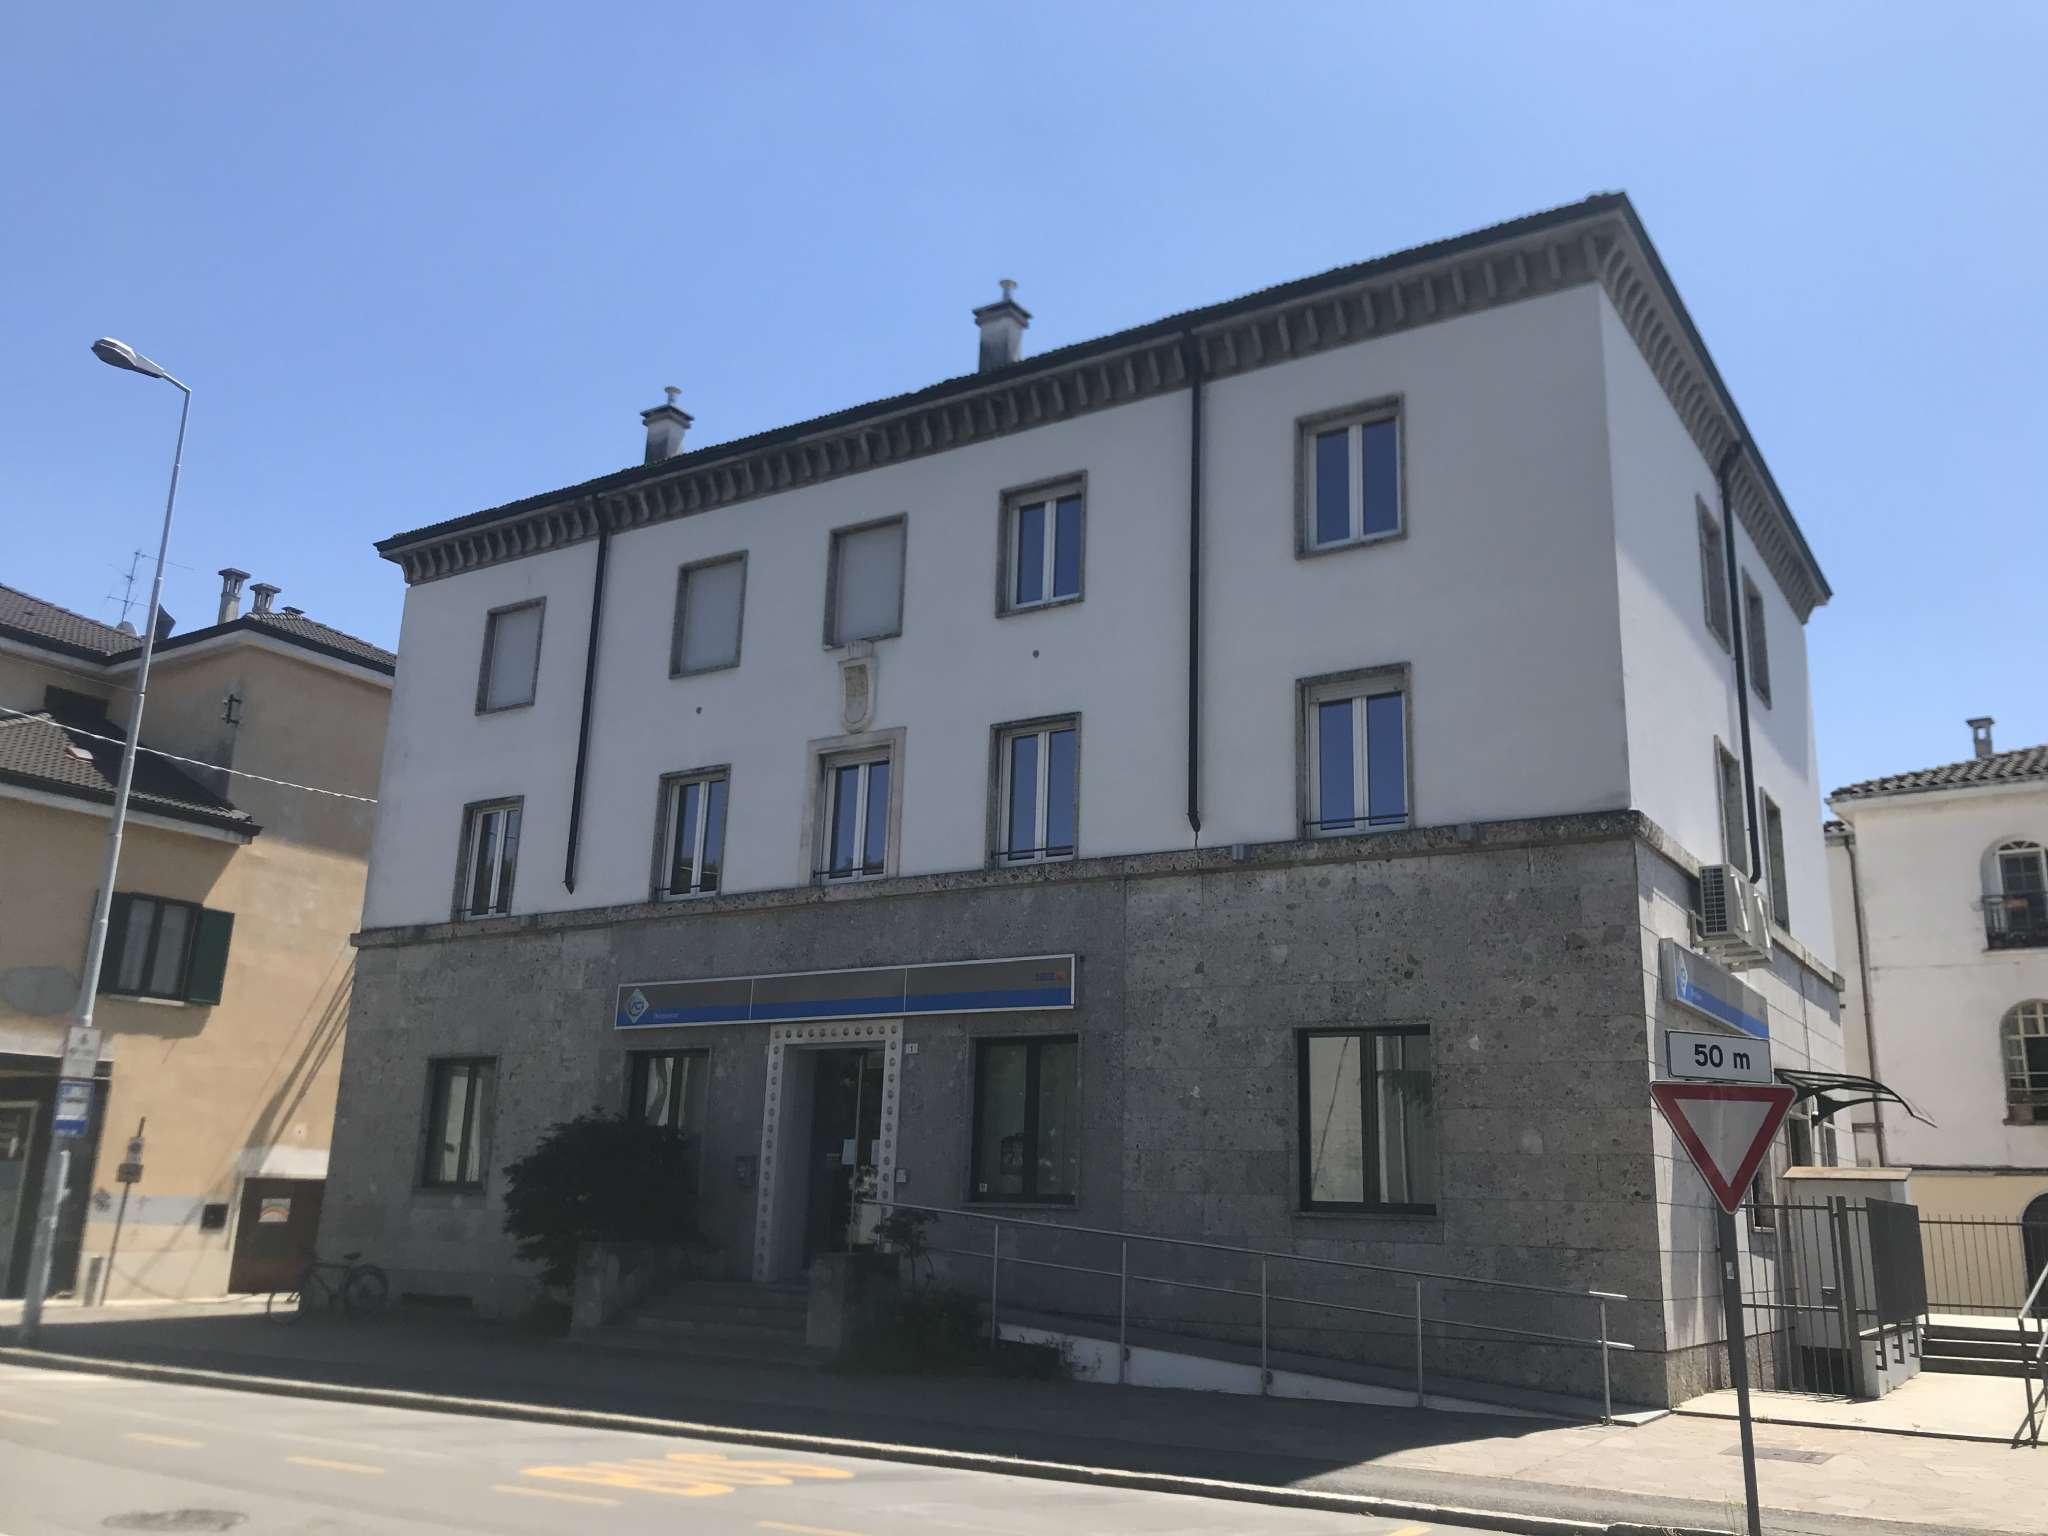 Ufficio / Studio in vendita a Dalmine, 3 locali, prezzo € 118.000 | PortaleAgenzieImmobiliari.it